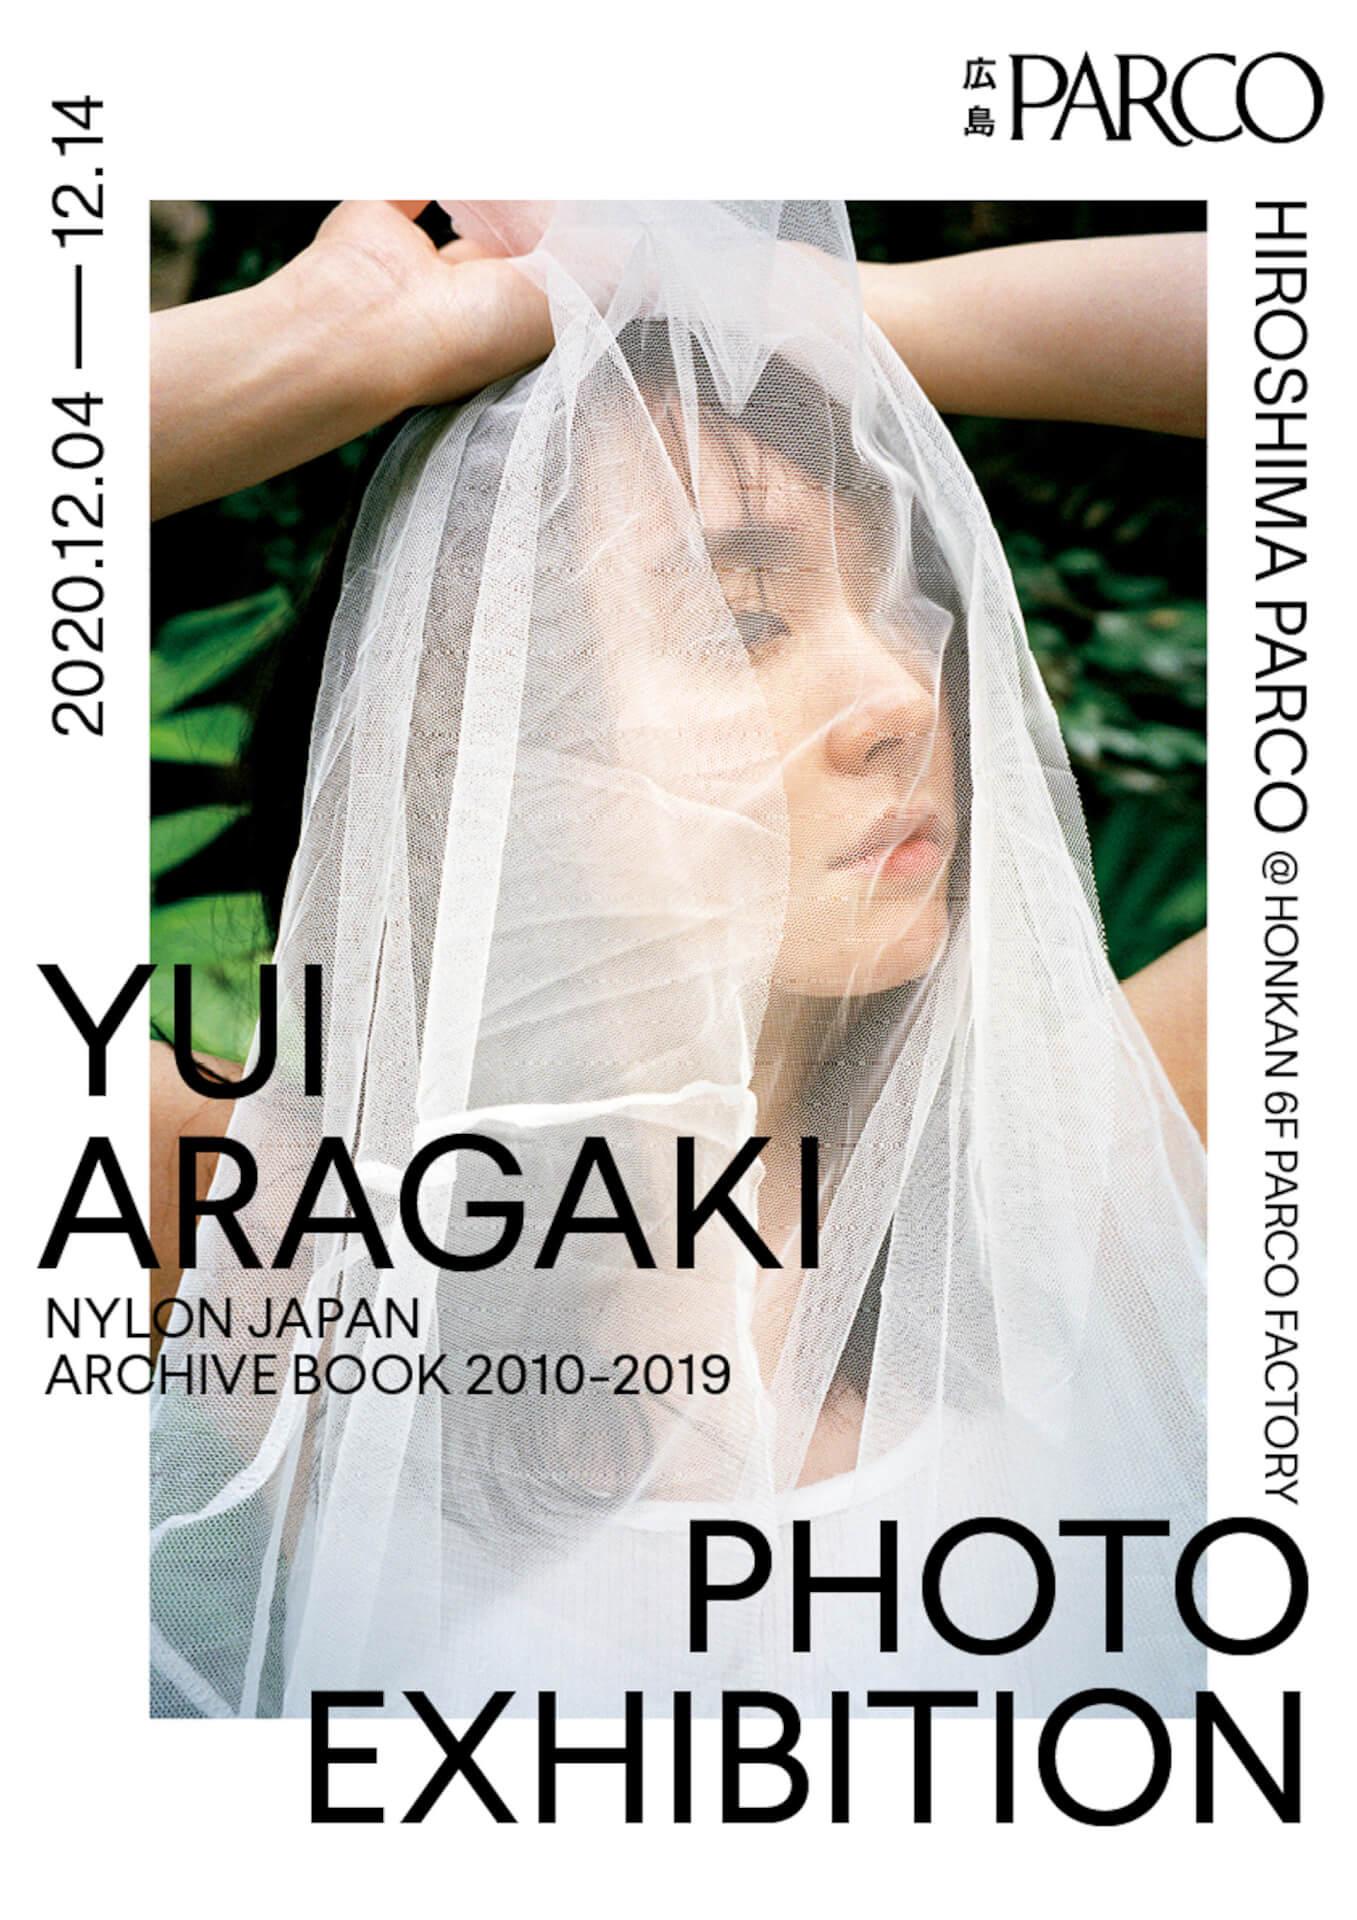 新垣結衣のNYLON JAPANでの軌跡を追った写真展が福岡、札幌、広島のPARCOでも開催決定!ガッキーマグカップの発売も art200909_aragakiyui_8